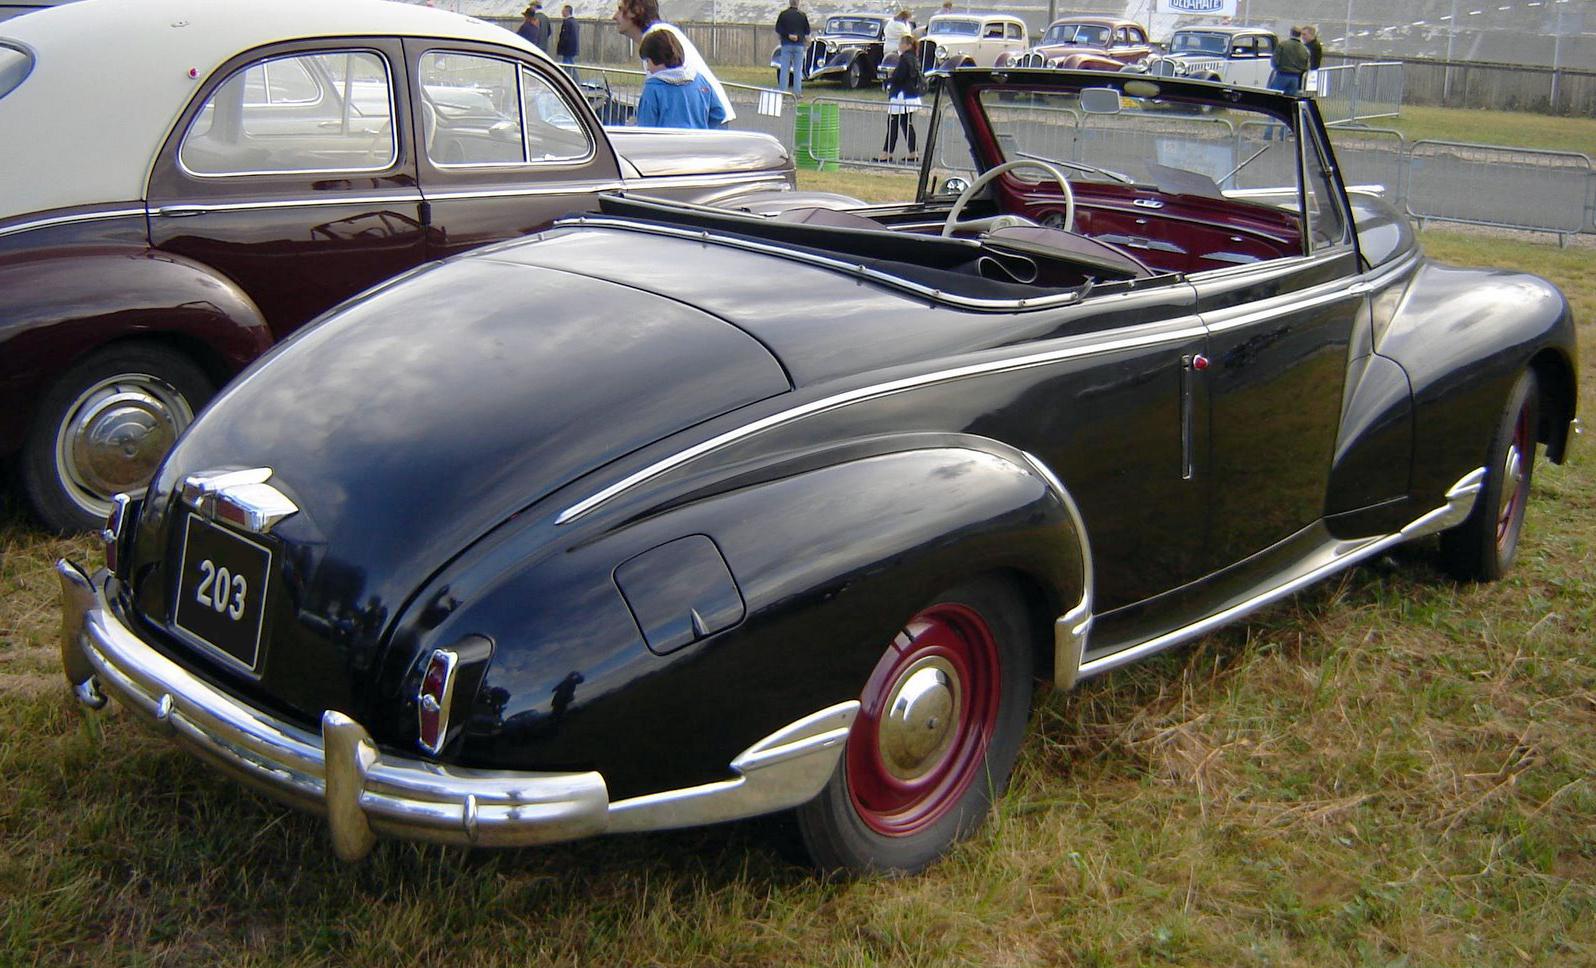 File:Peugeot 203 Cabriolet Noir.jpg